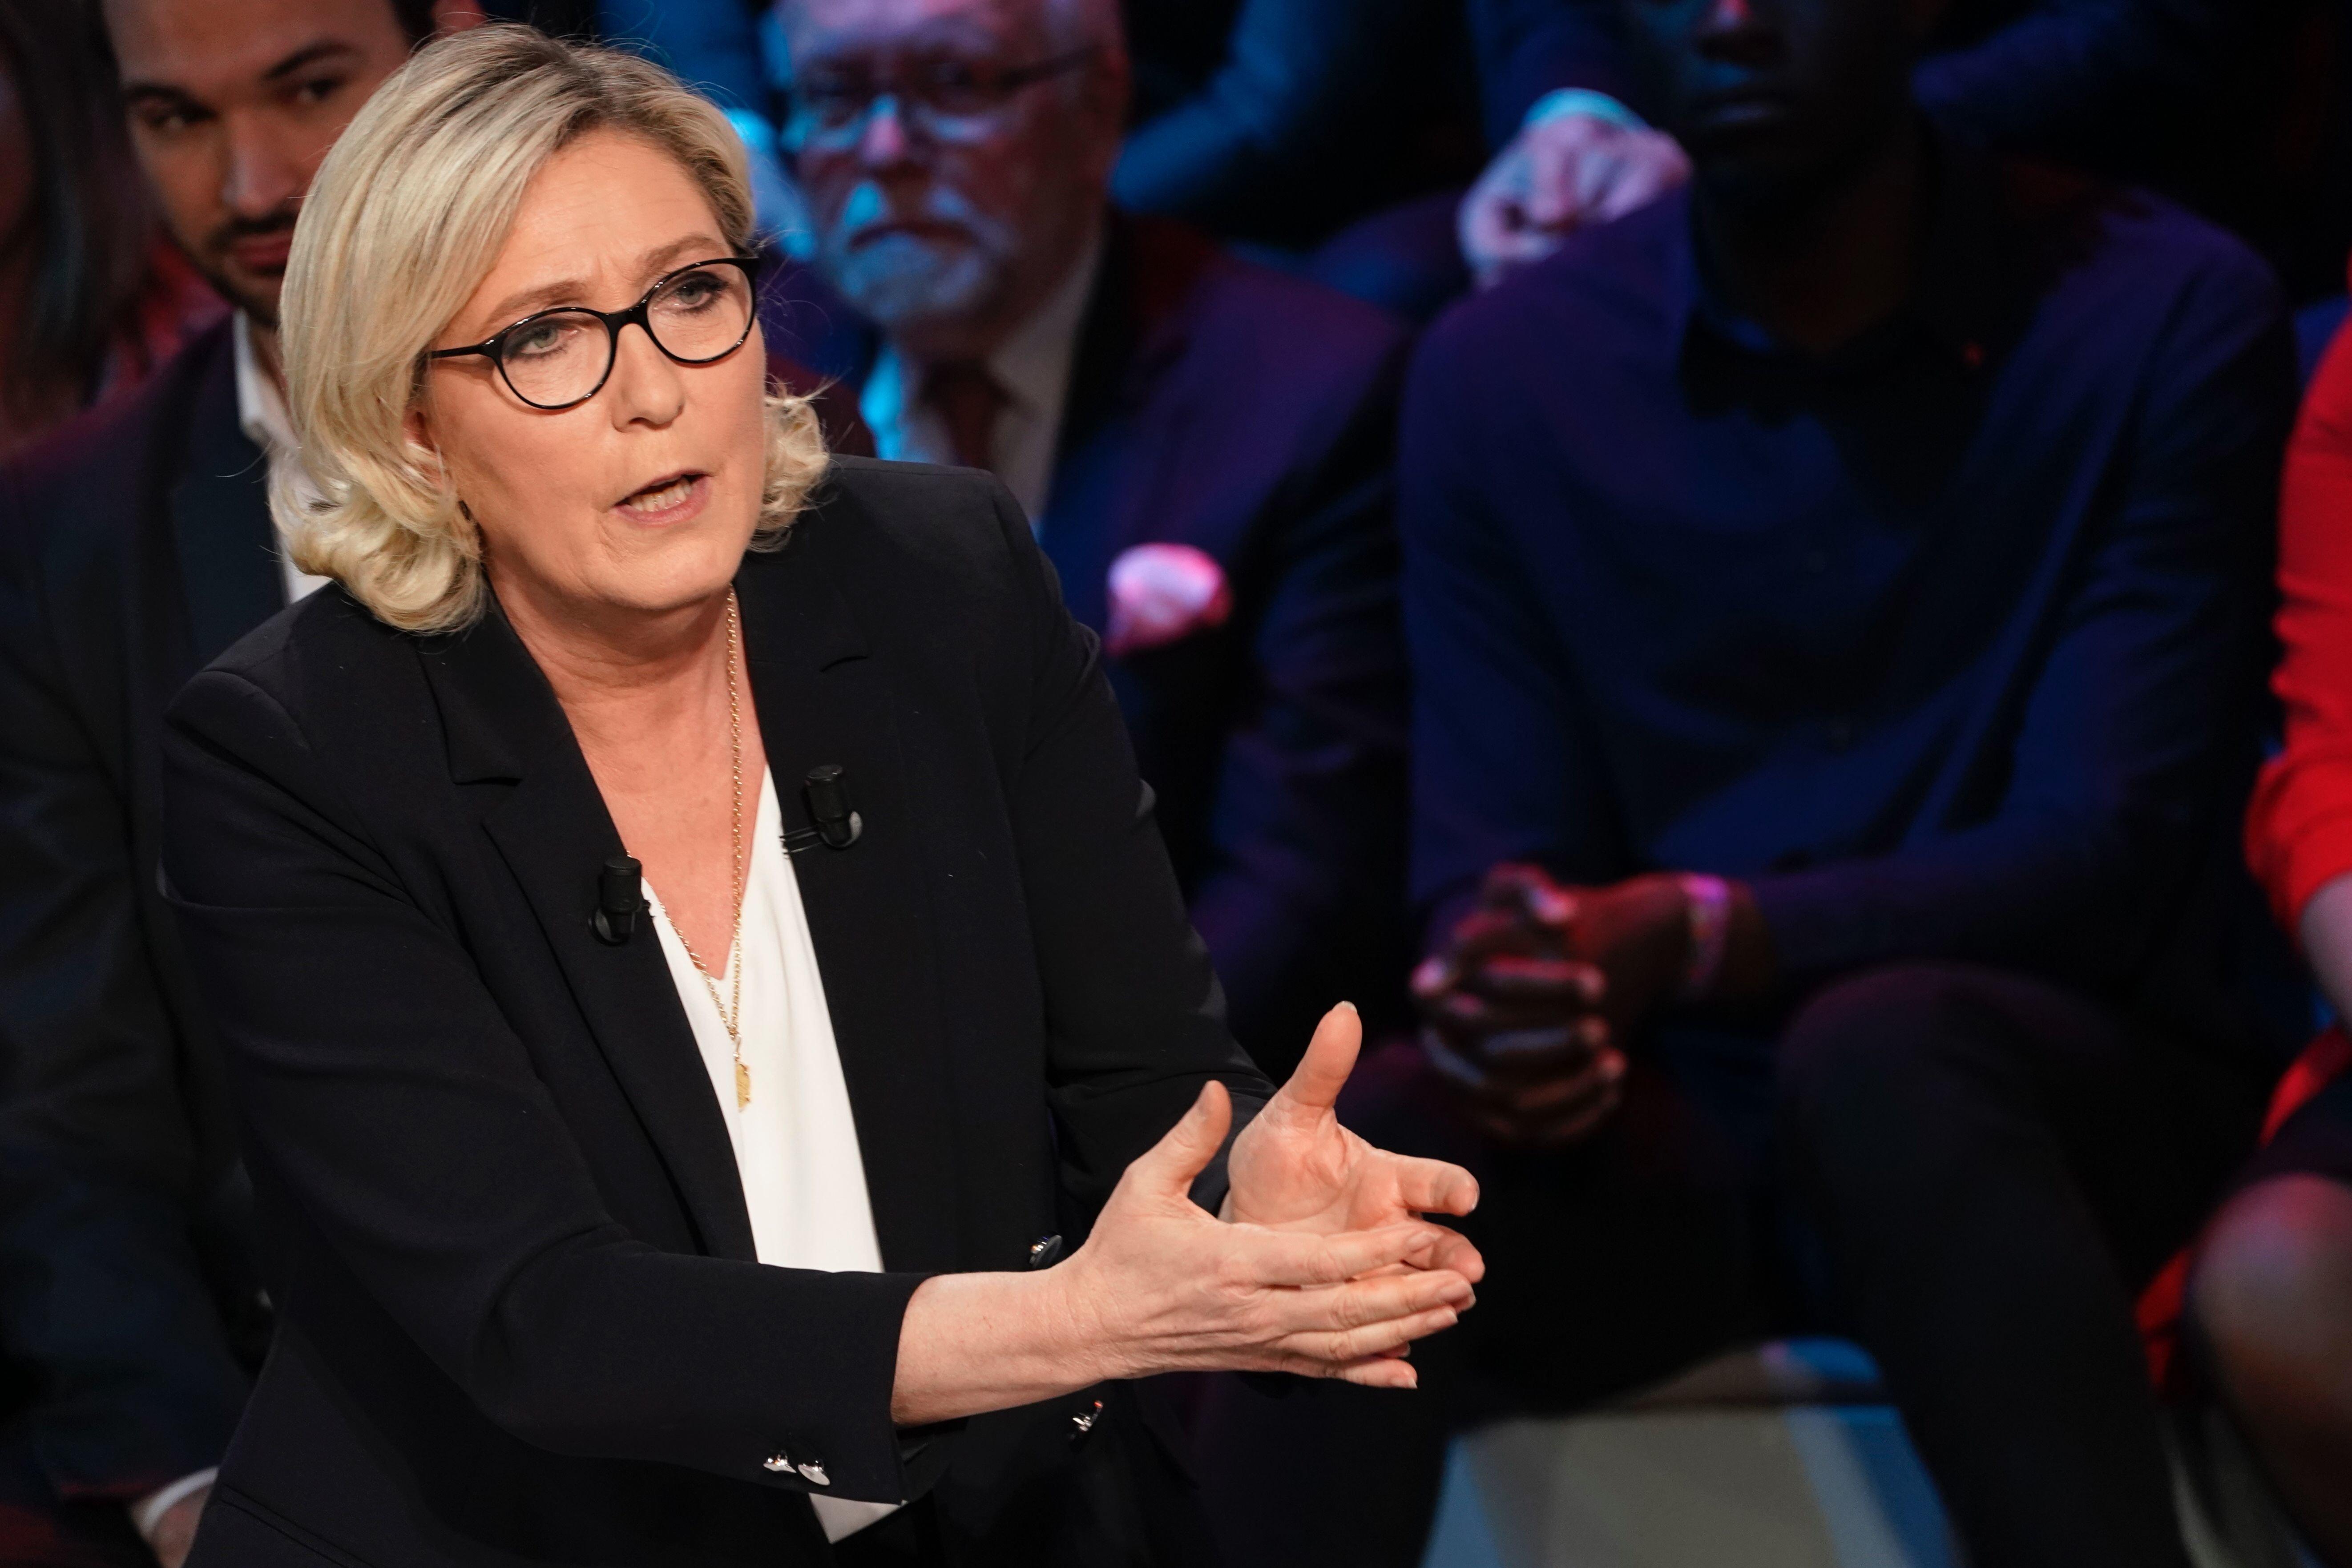 Marine Le Pen devant les juges dans l'affaire des emplois fictifs au Parlement